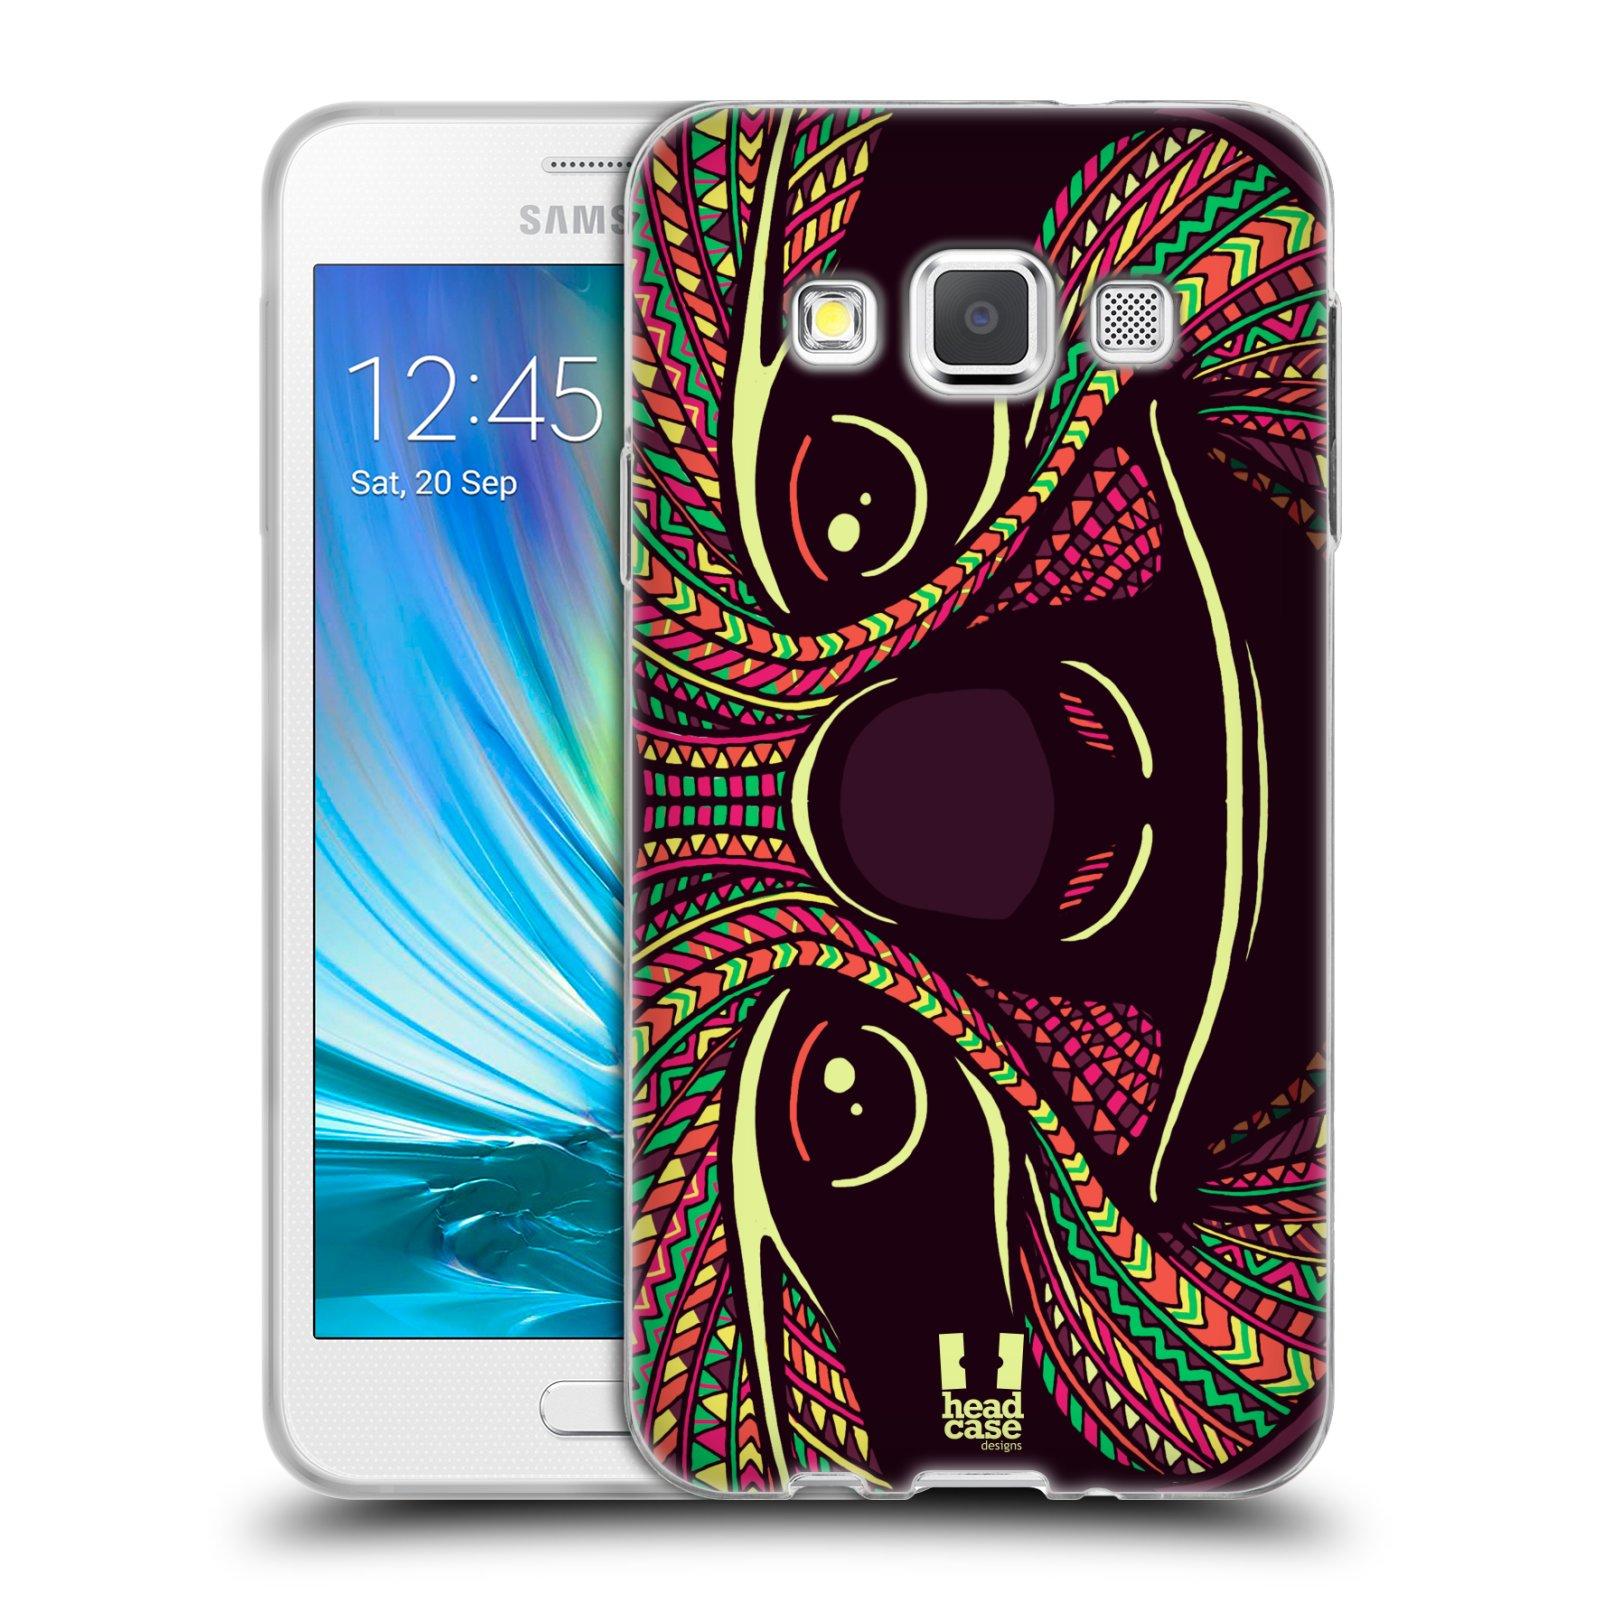 Silikonové pouzdro na mobil Samsung Galaxy A3 HEAD CASE AZTEC LENOCHOD (Silikonový kryt či obal na mobilní telefon Samsung Galaxy A3 SM-A300)